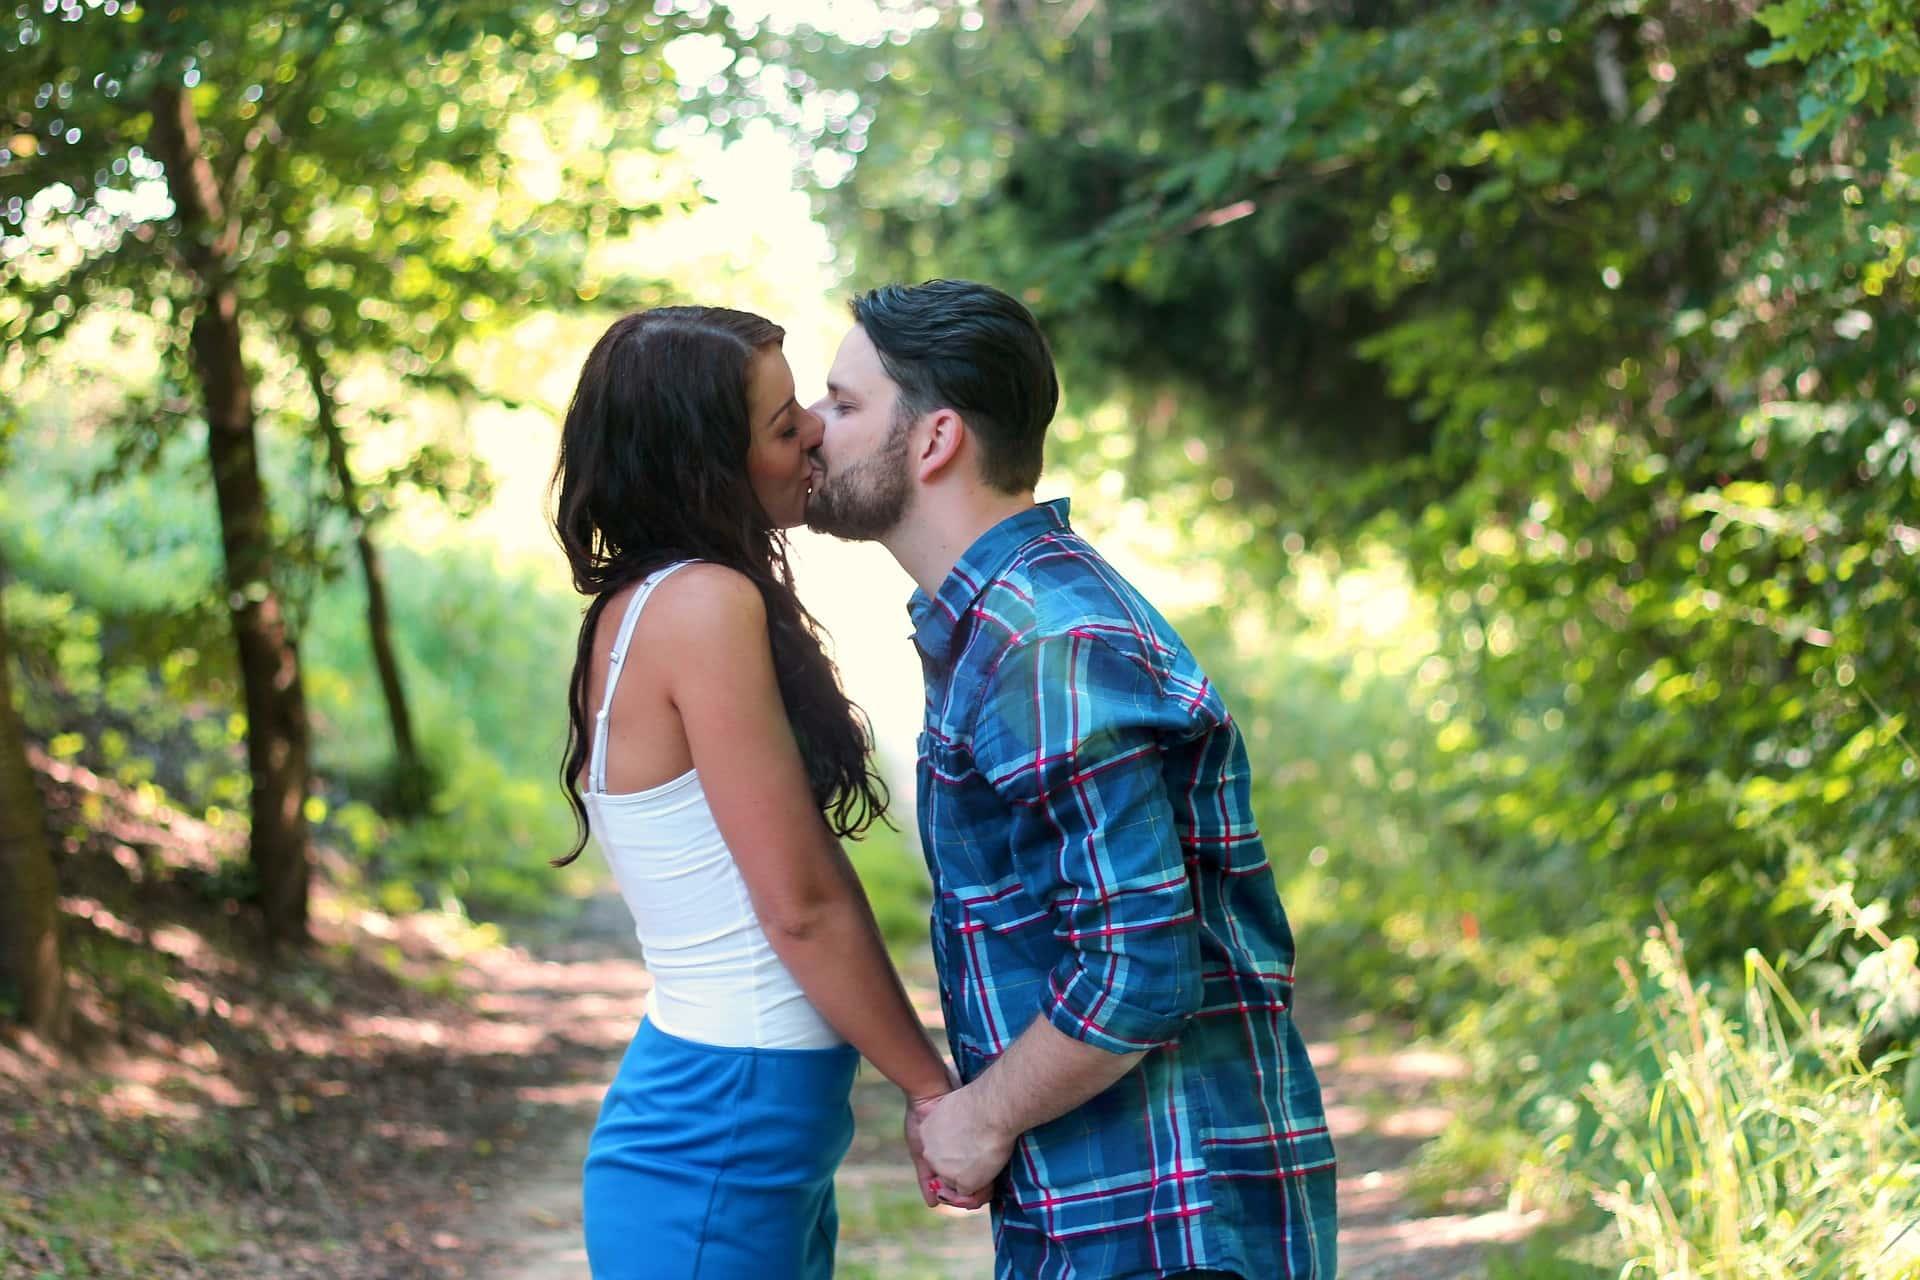 Молодые люди выбирают партнерш старше по разным причинам